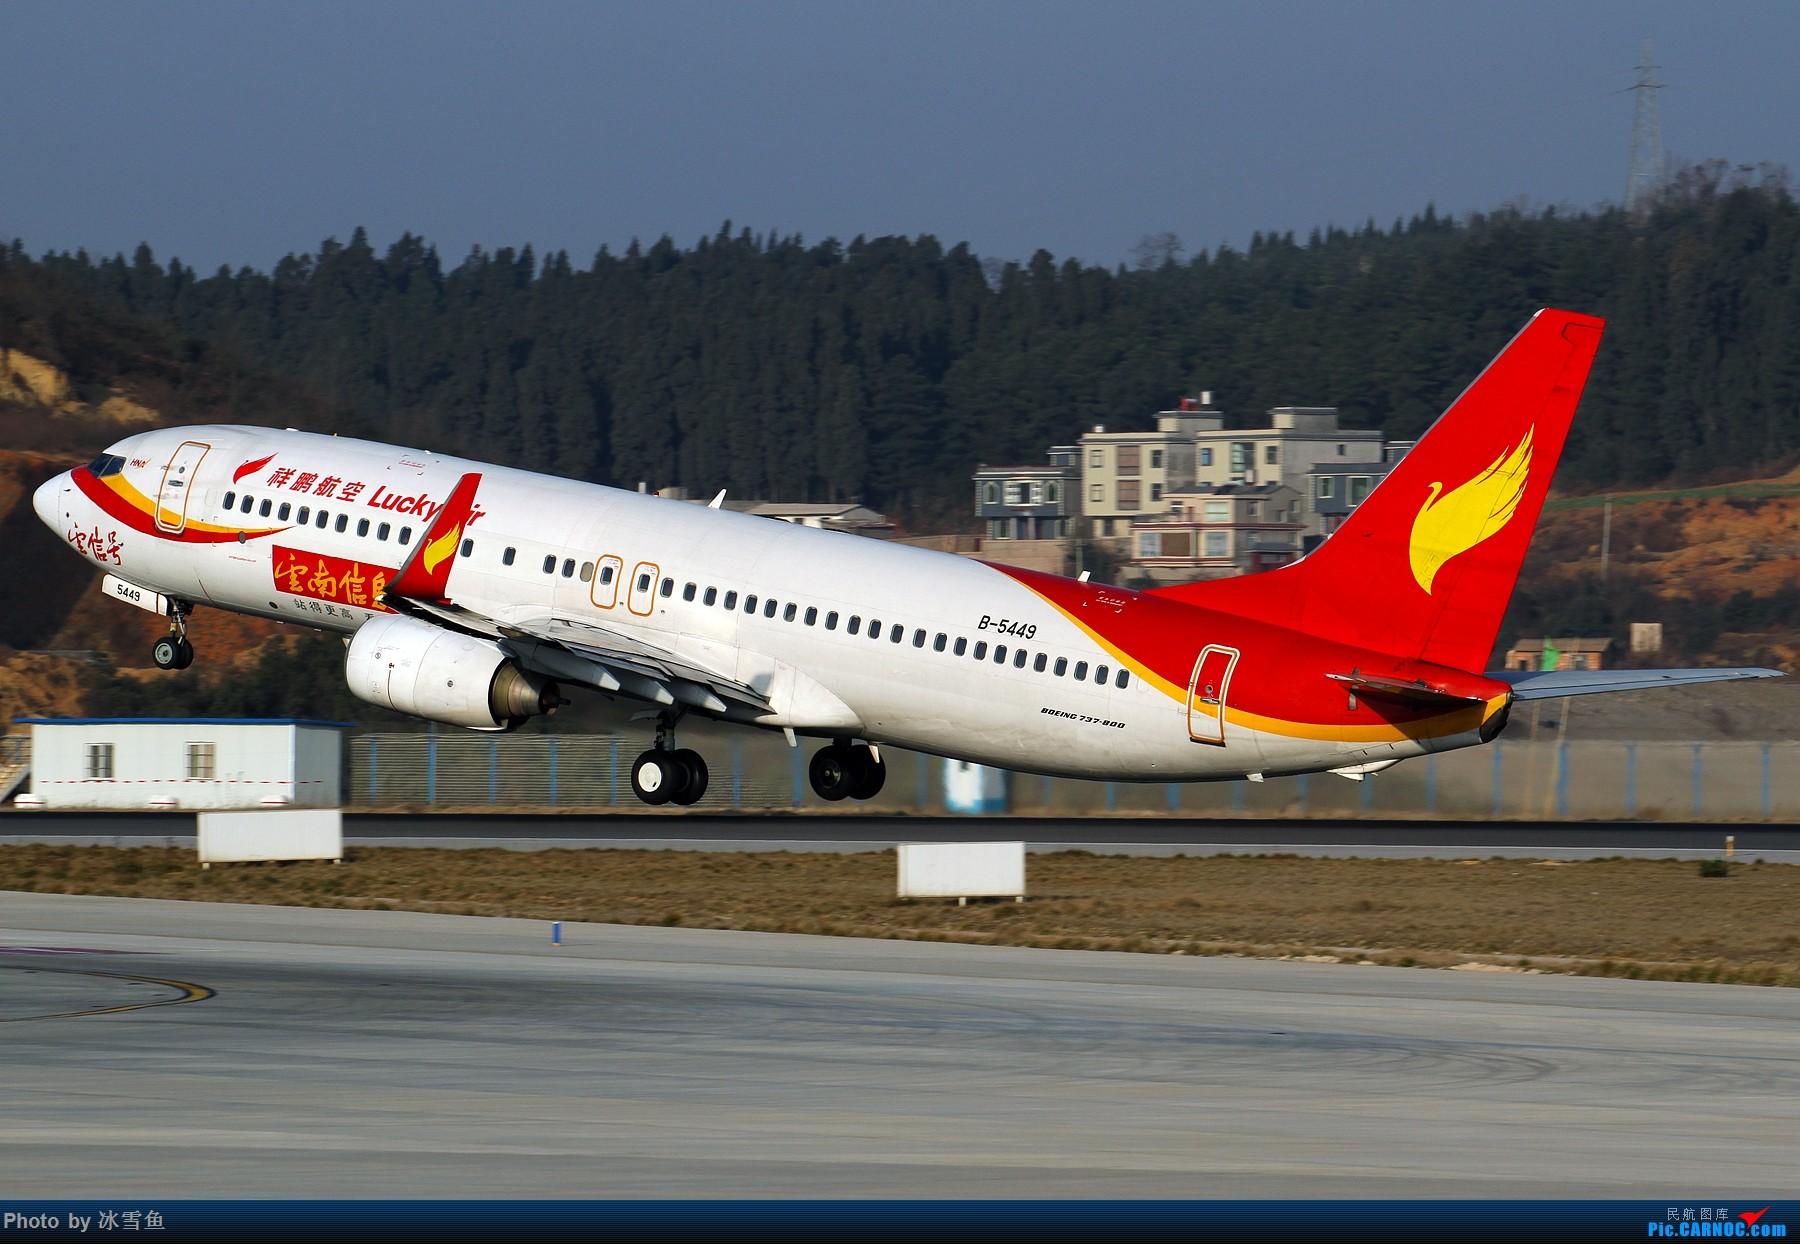 """Re:[原创]【BLDDQ-昆明飞友会】""""五四"""",来看看早上8、9点钟的光线,世界终究是你们的! BOEING 737-800 B-5449 中国昆明长水国际机场"""